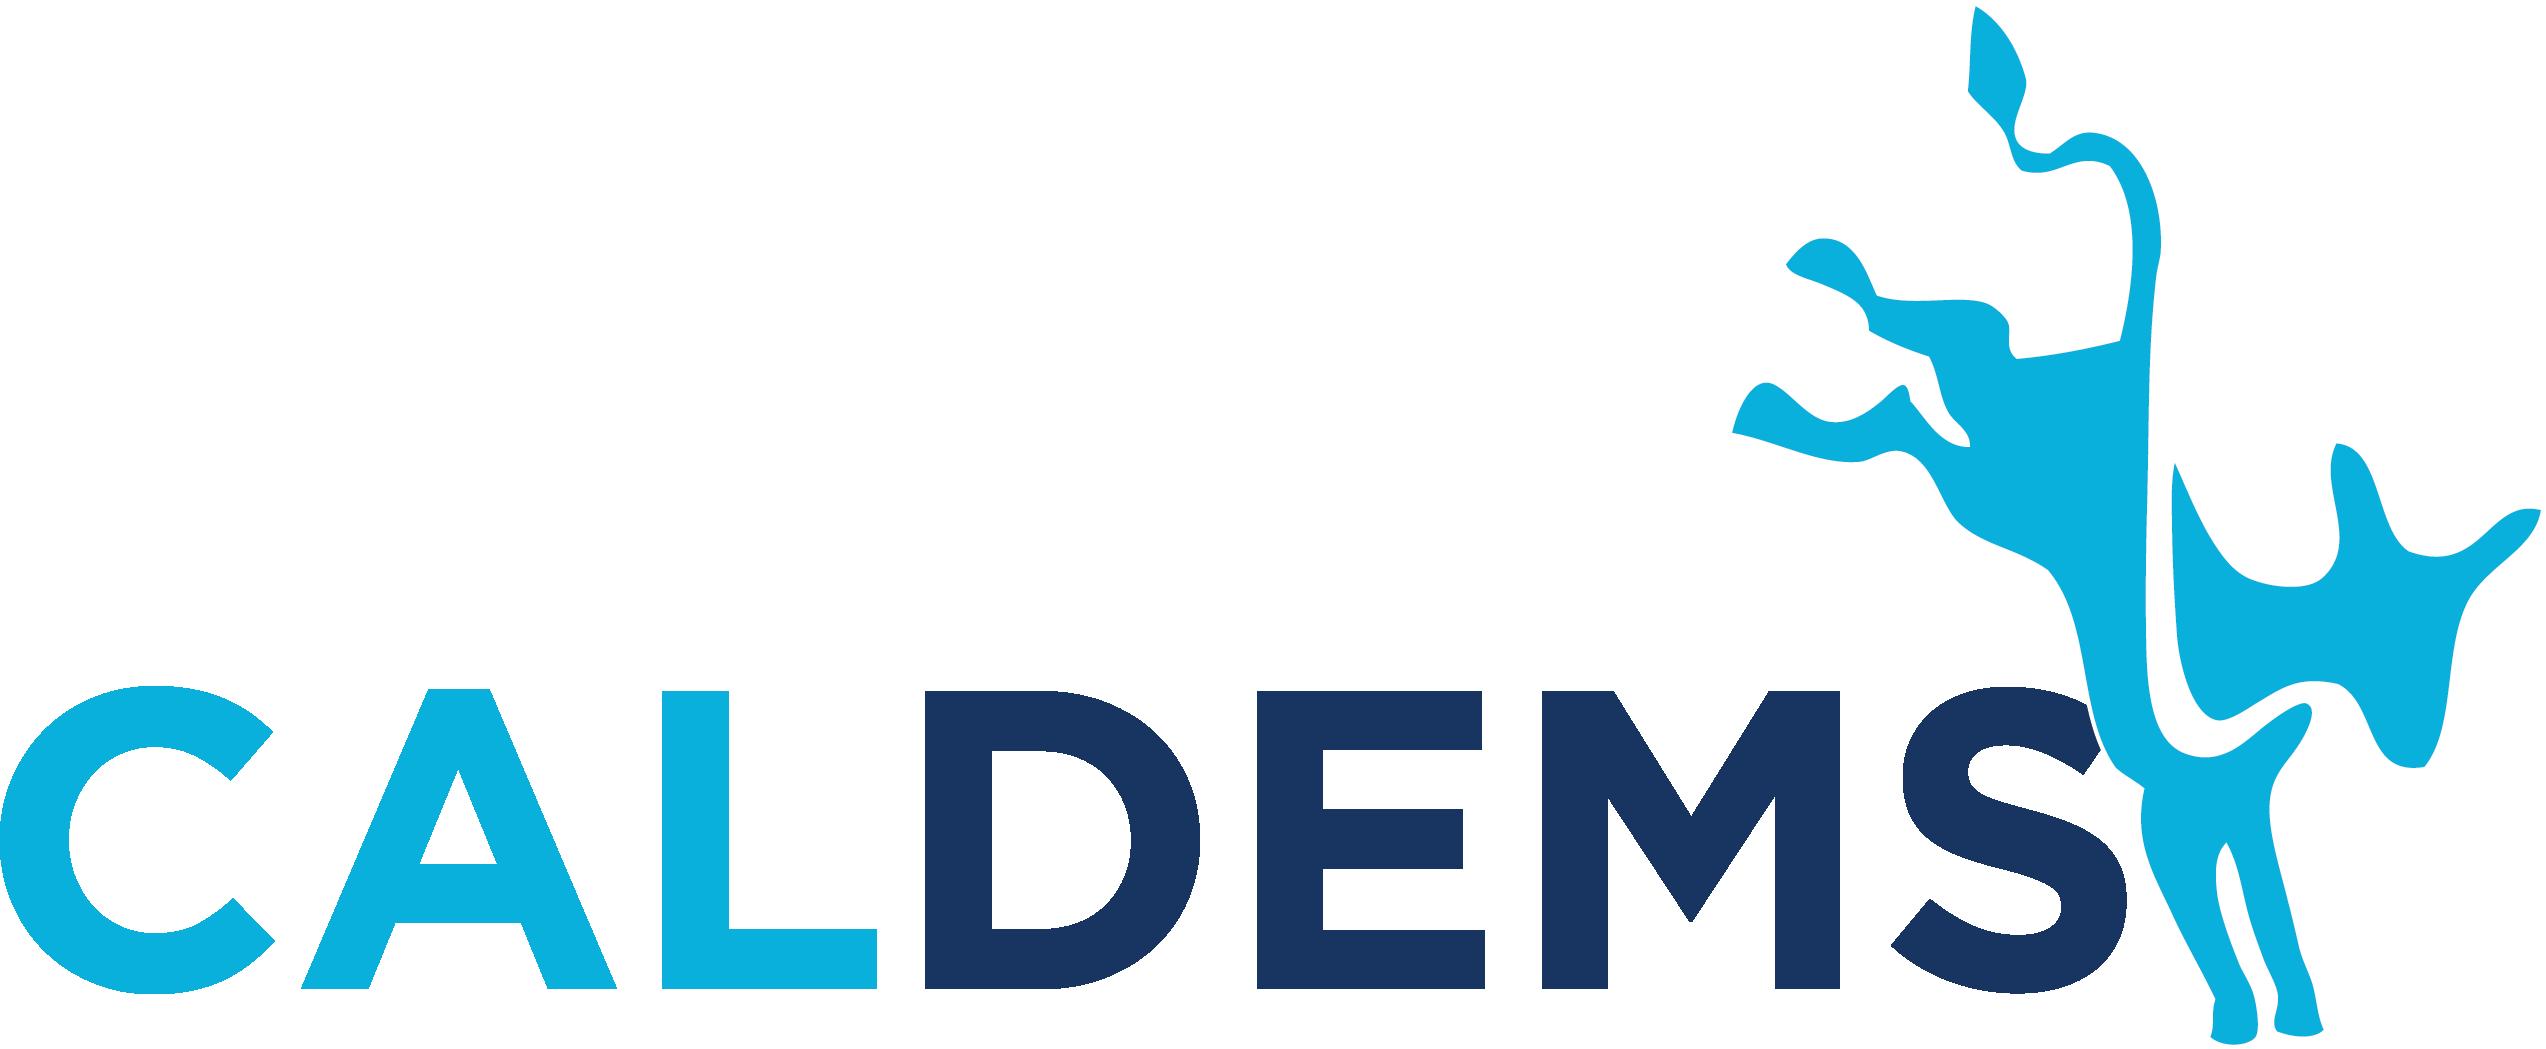 Cal Berkeley Democrats (CA)